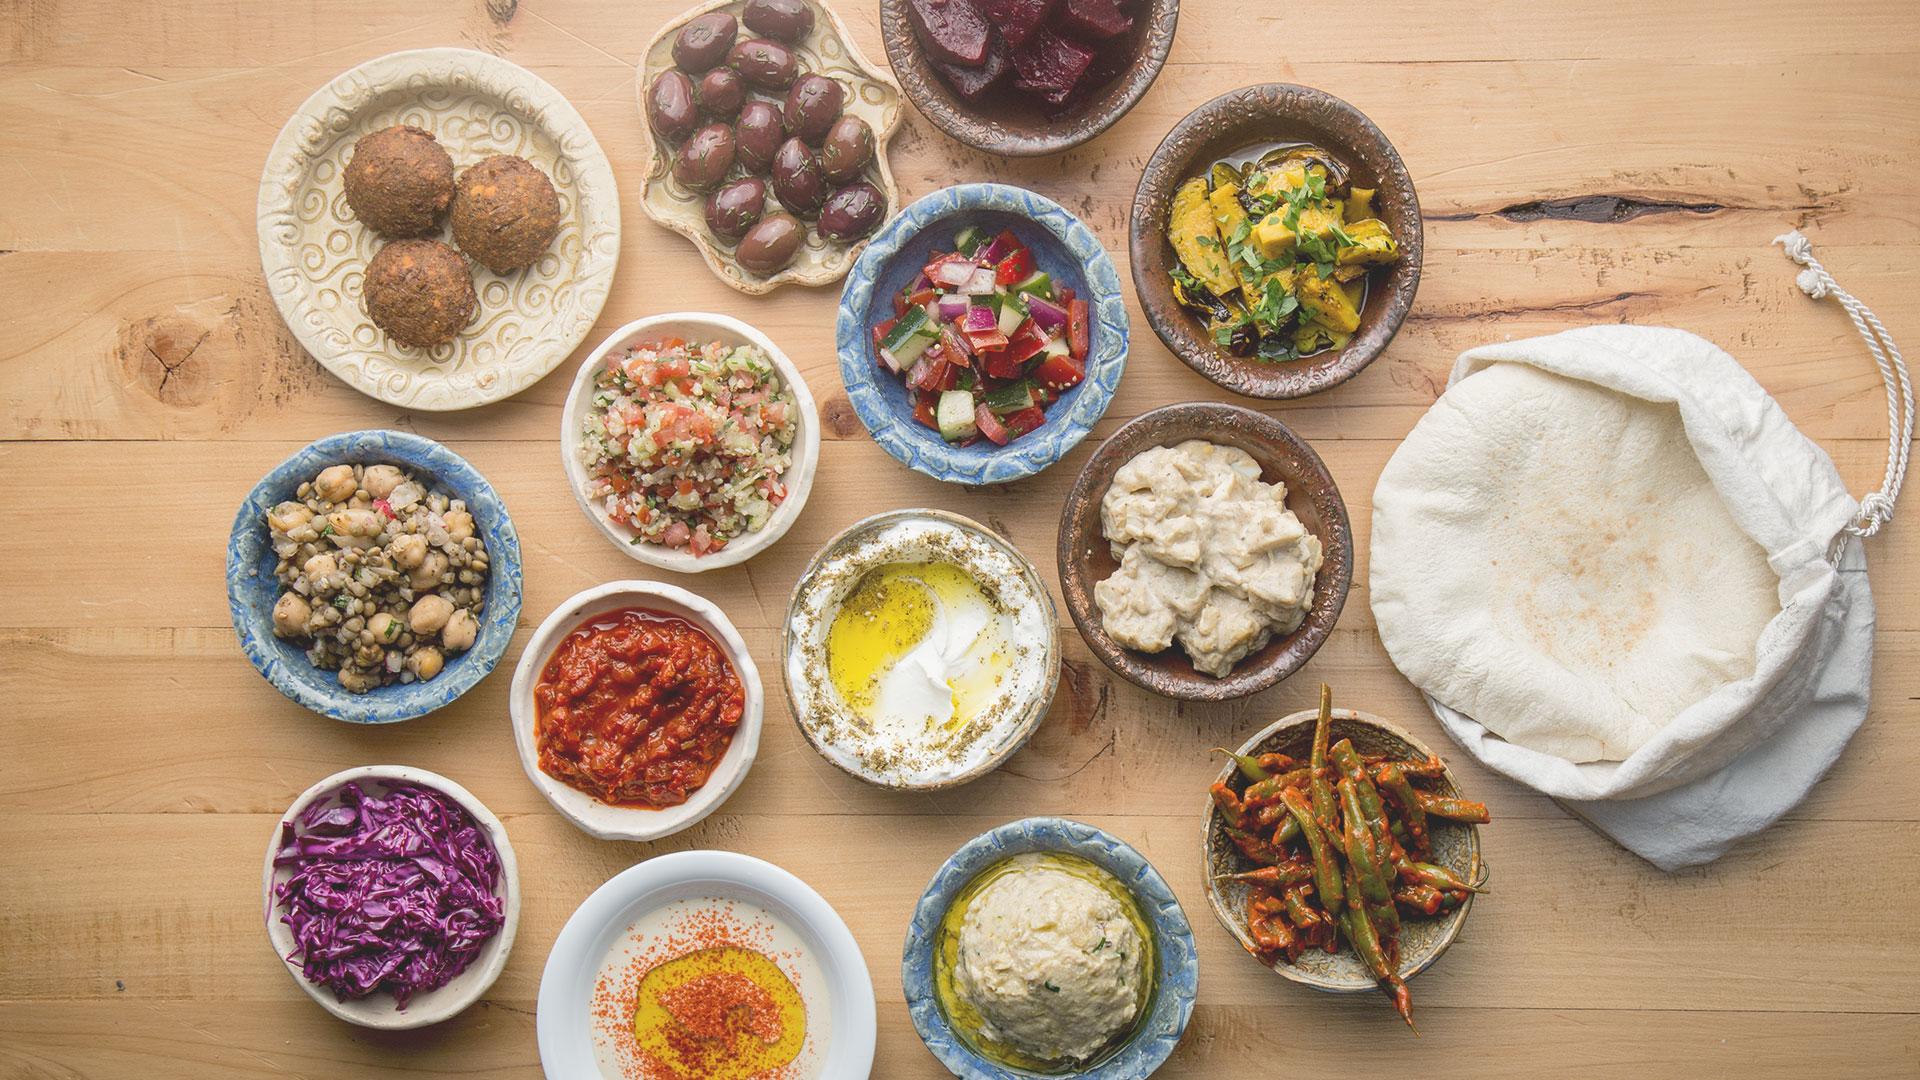 8 restaurantes orientales en la CDMX que amamos (si te gusta descubrir otros sabores, serán tu paraíso)